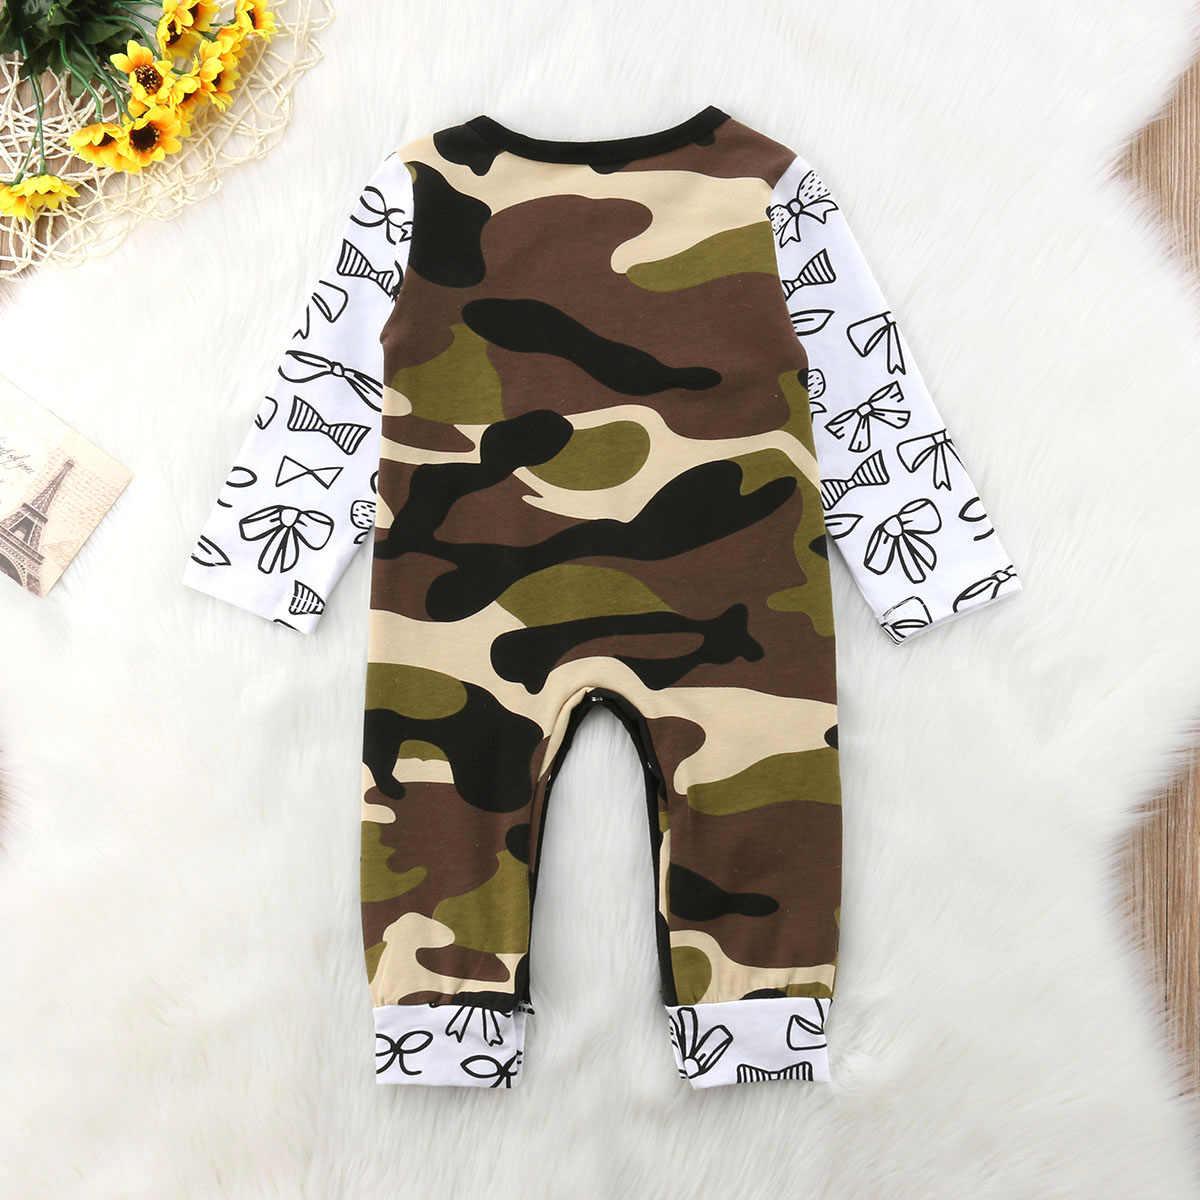 Комбинезон для маленьких девочек, комбинезон для мальчиков, коcтюм с длинными рукавами, хлопковая одежда зеленого цвета в армейском стиле Одежда для маленьких мальчиков от 0 до 24 месяцев